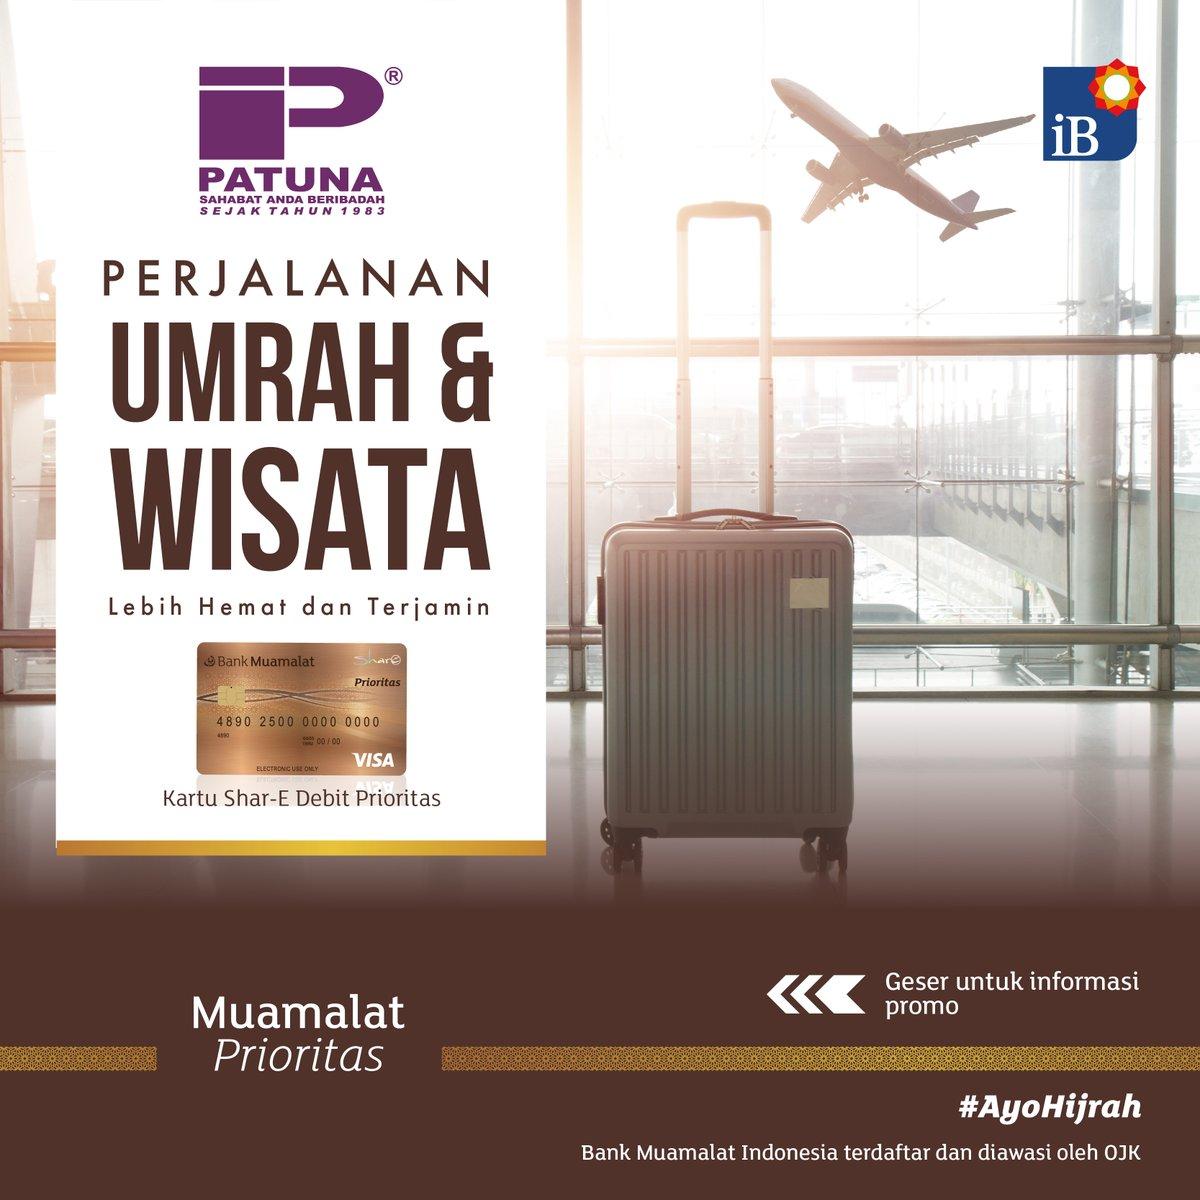 Bank Muamalat - Promo Spesial Hemat s.d 1,5 Juta Untuk Nasabah Muamalat Prioritas